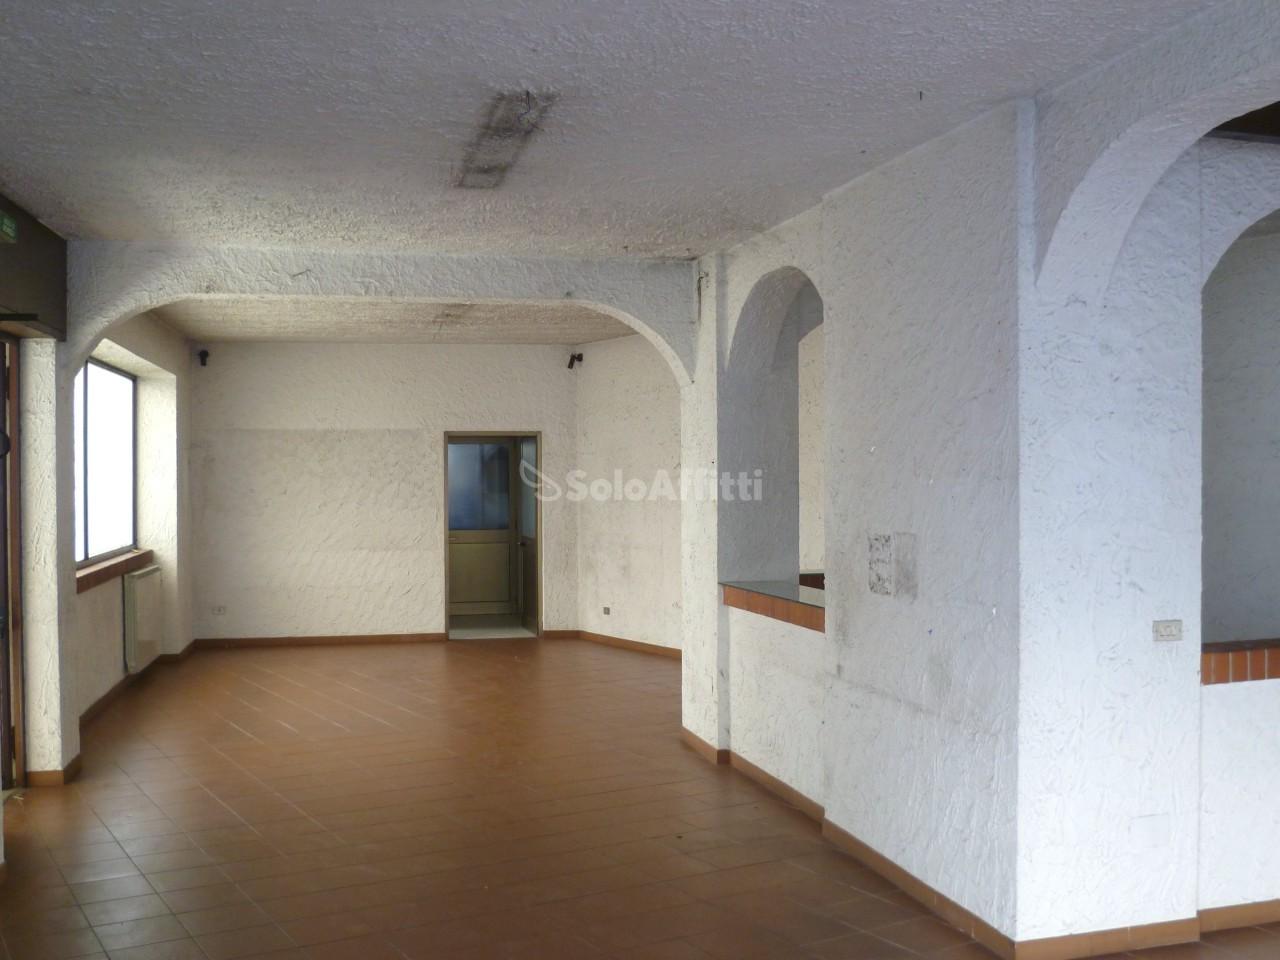 Negozio / Locale in affitto a Strambino, 3 locali, prezzo € 700 | PortaleAgenzieImmobiliari.it